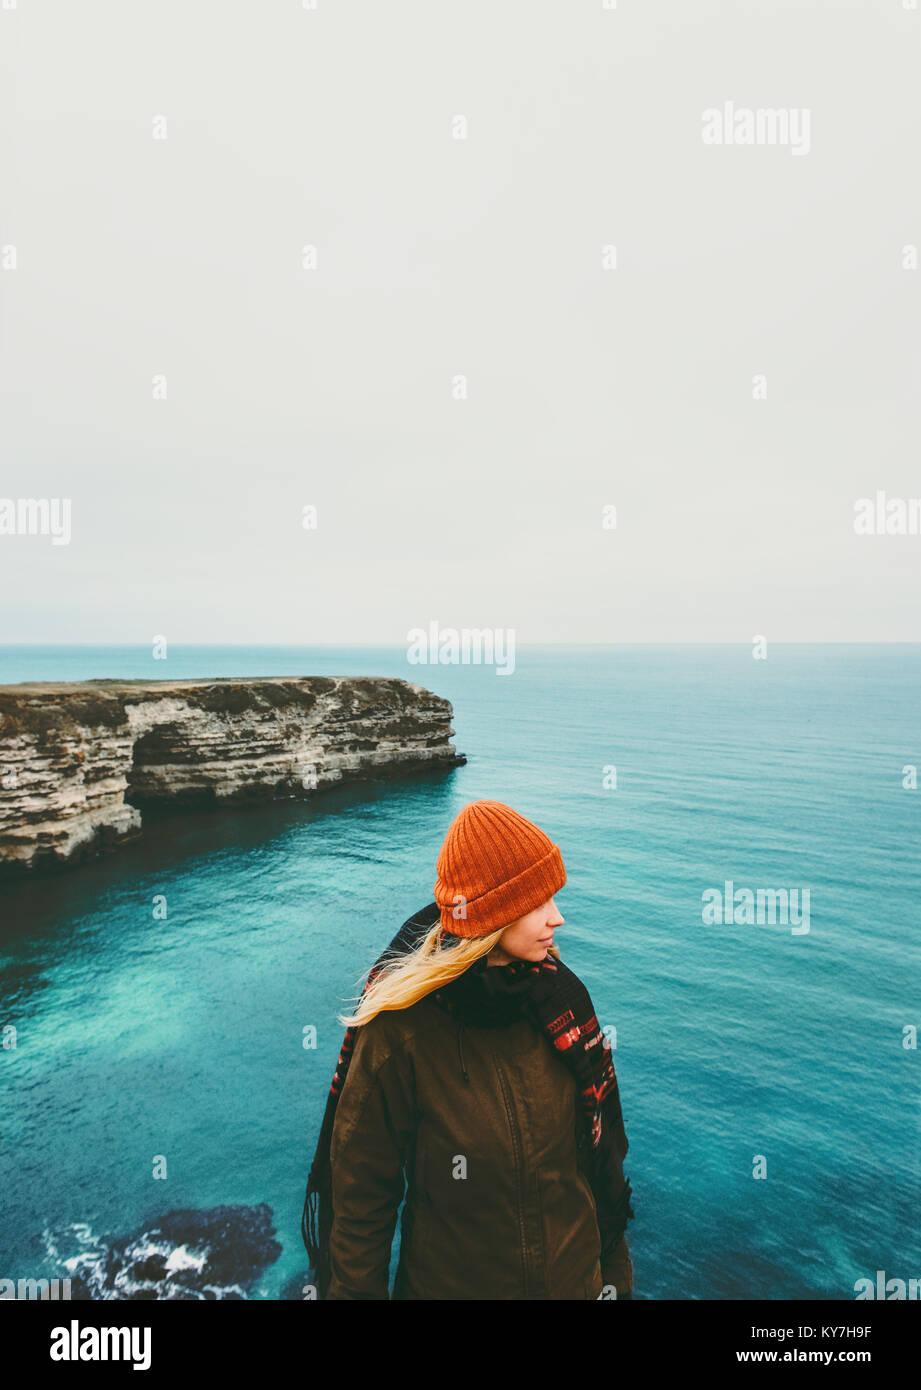 La donna a piedi a freddo o con vista sul mare da solo lo stile di vita di viaggio concetto Vacanze avventura all'aperto Immagini Stock